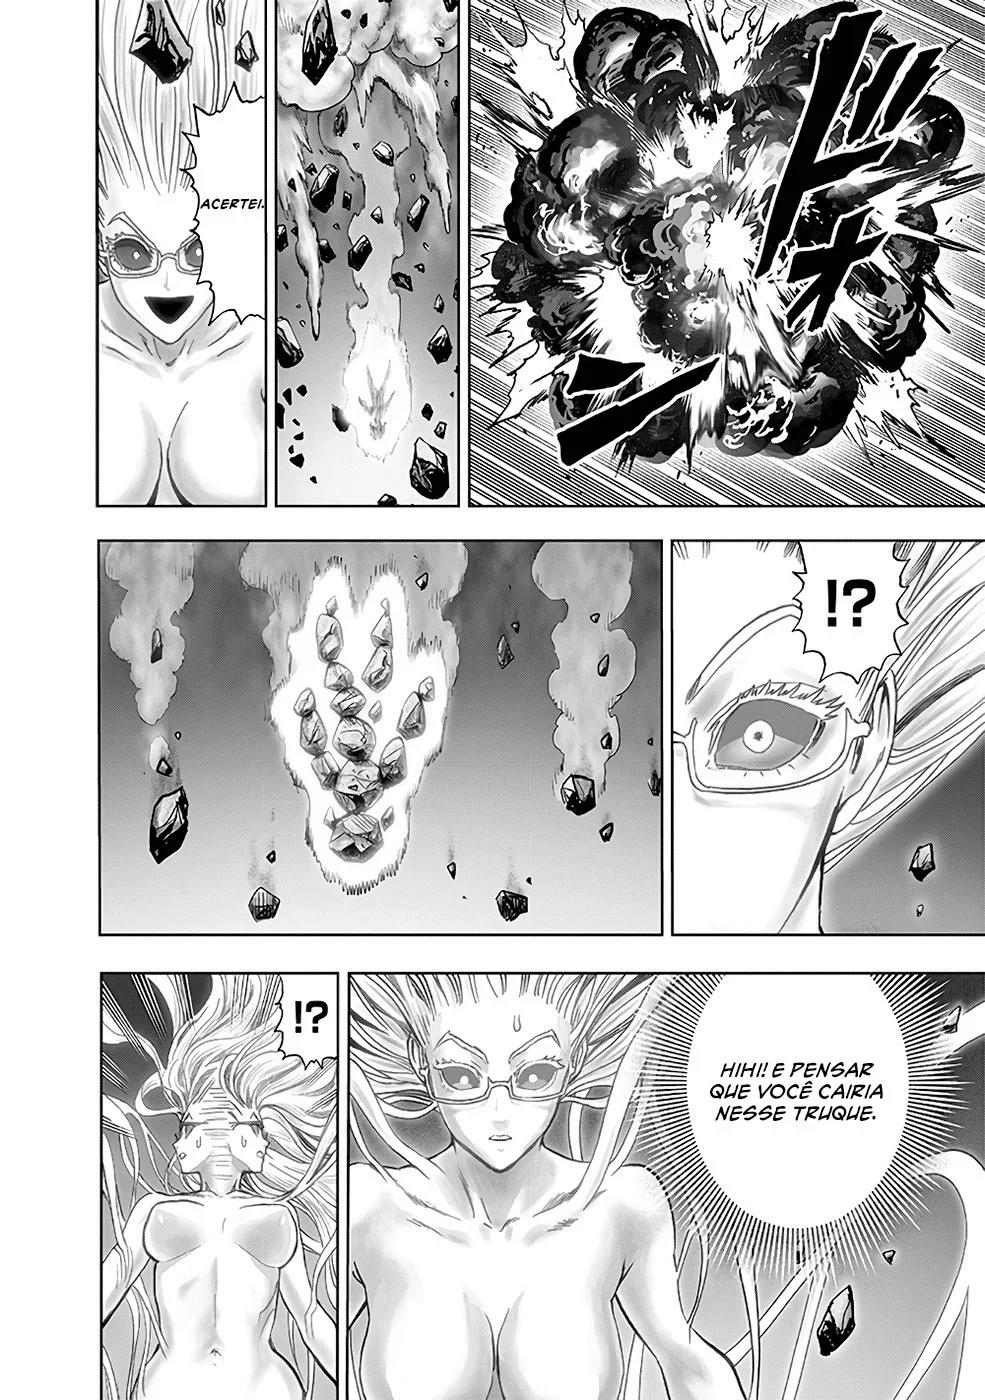 Quem no universo de Naruto seria capaz de derrotar Tatsumaki? - Página 5 17_web10